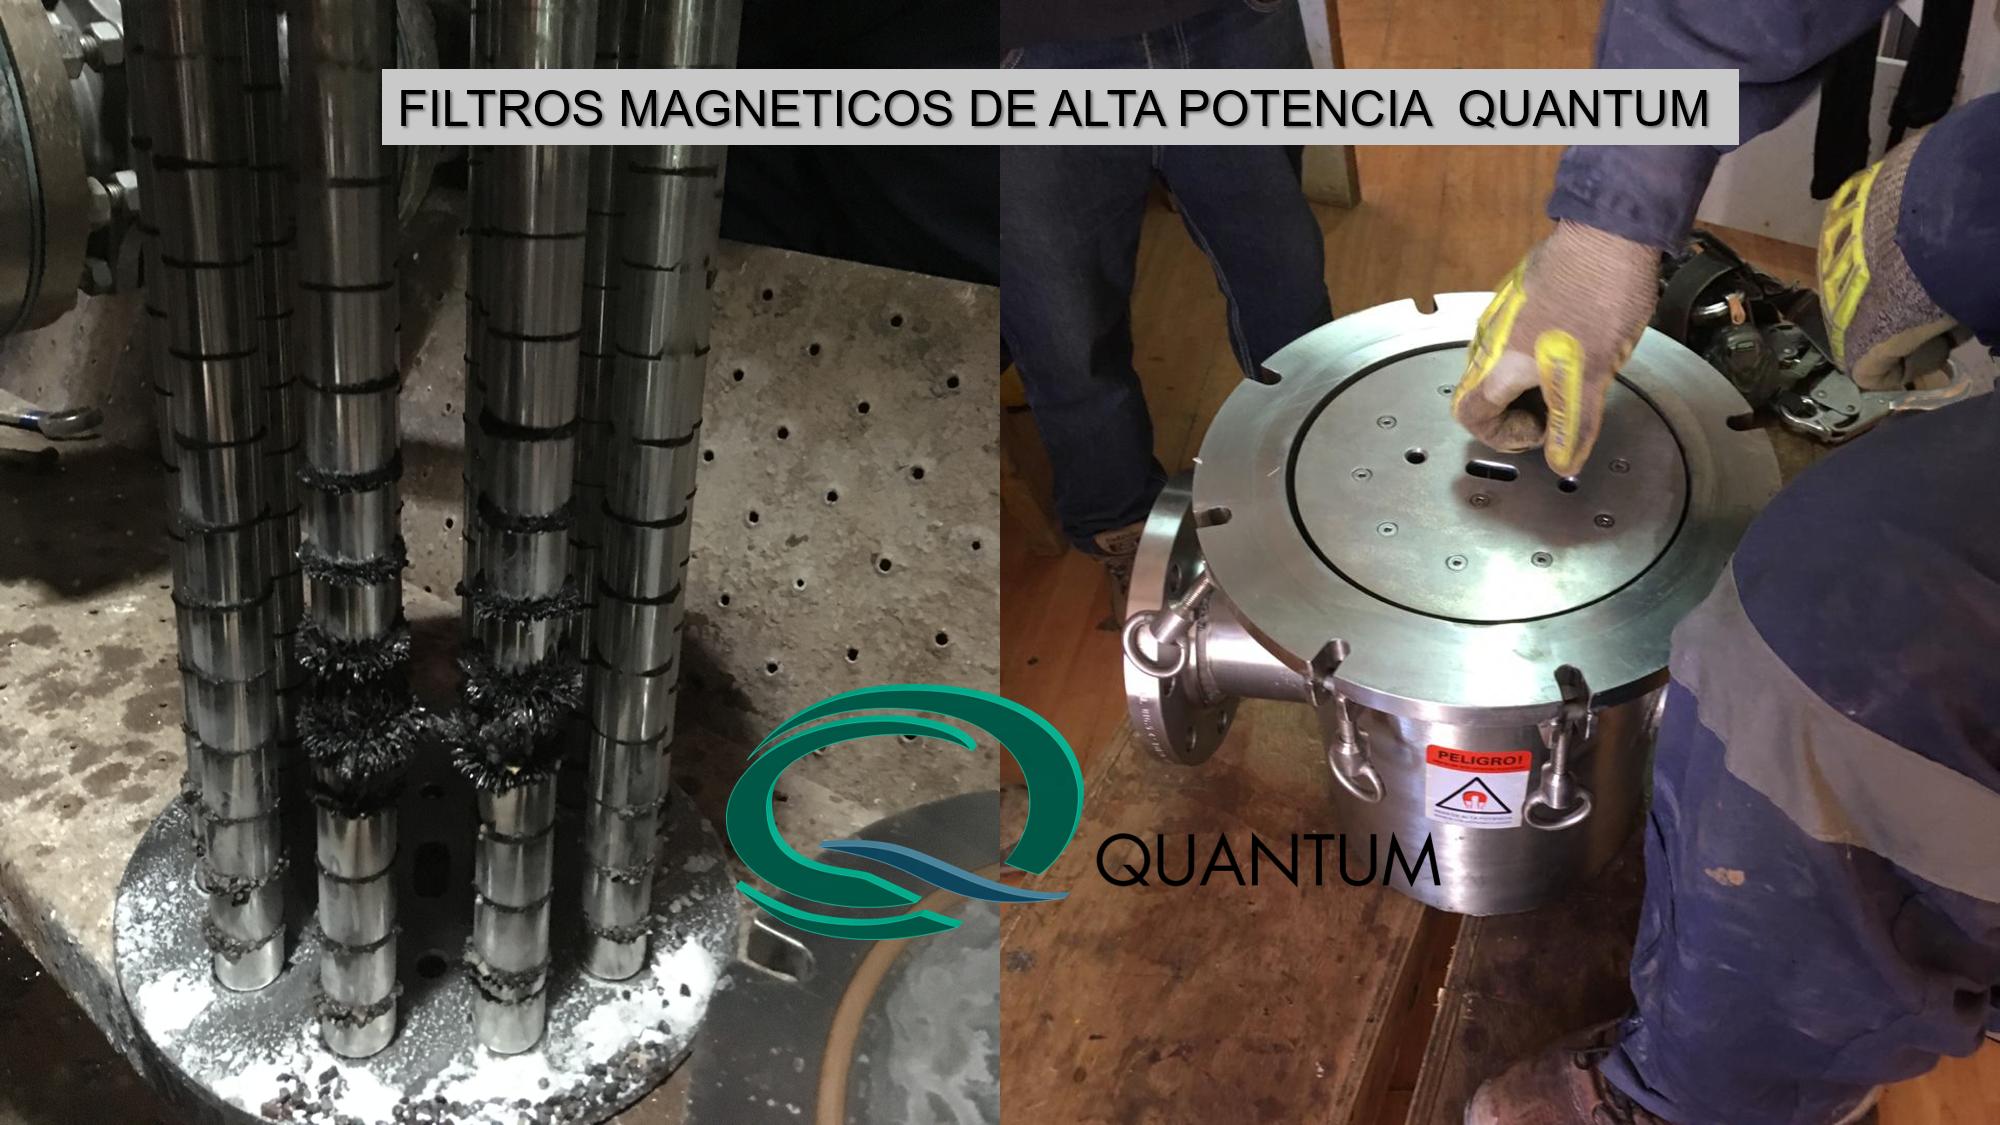 Filltros Magneticos para Litio